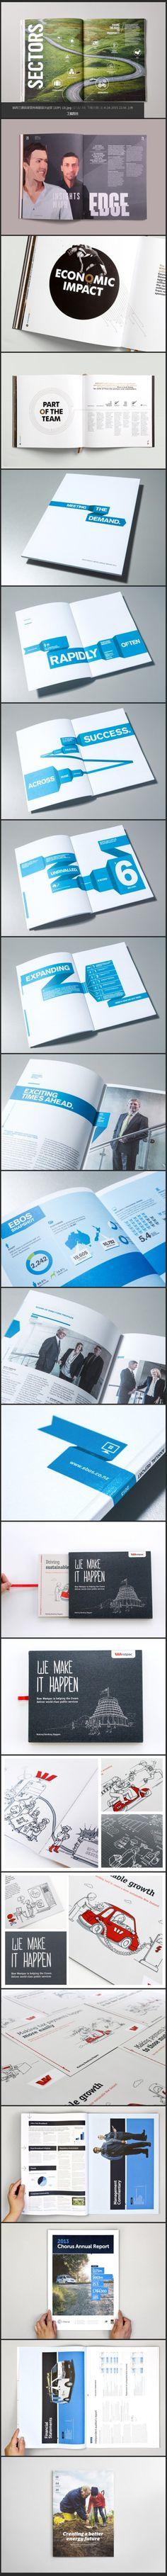 新西兰通讯录宣传画册设计欣赏 [22P]...